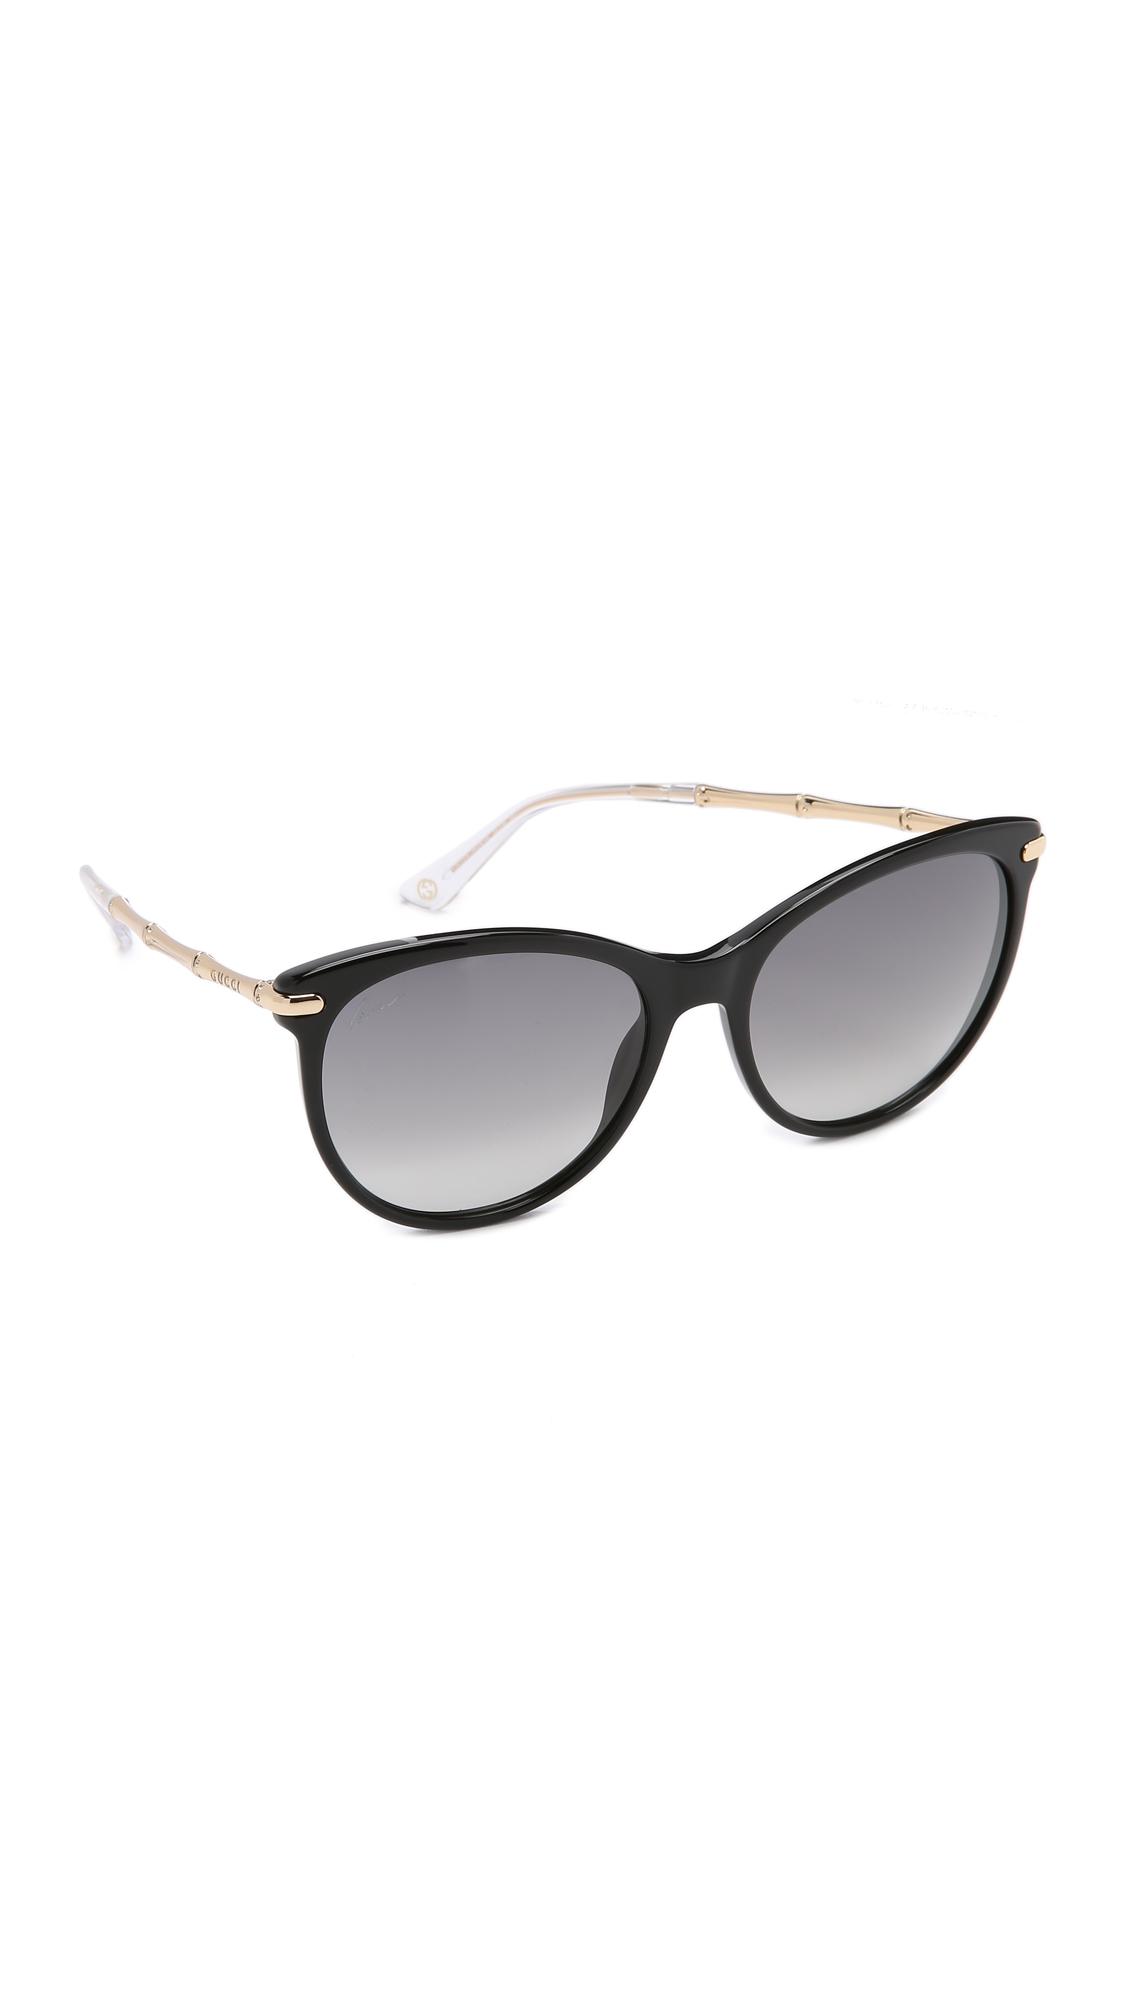 Gucci Bamboo Sunglasses  gucci bamboo temple sunglasses in black lyst